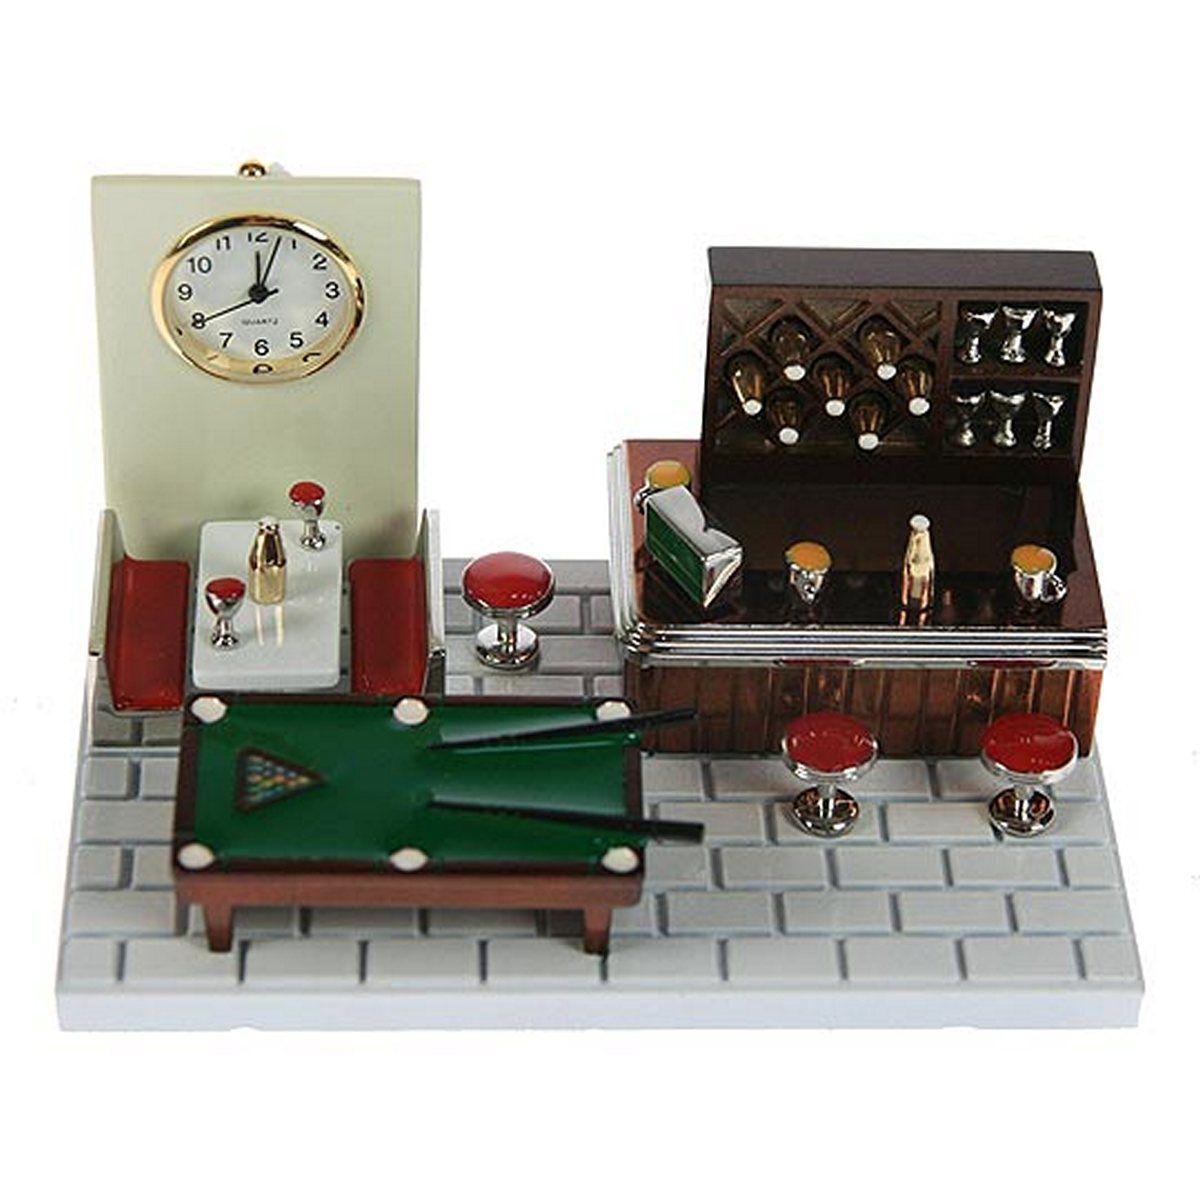 Часы настольные Русские Подарки Бар, 11 х 7 х 6 см. 2240594672Настольные кварцевые часы Русские Подарки Бар изготовлены из металла, циферблат защищен стеклом. Корпус оригинально оформлен в виде барной стойки с бильярдным столом. Часы имеют три стрелки - часовую, минутную и секундную.Такие часы украсят интерьер дома или рабочий стол в офисе. Также часы могут стать уникальным, полезным подарком для родственников, коллег, знакомых и близких.Часы работают от батареек типа SR626 (в комплект не входят).